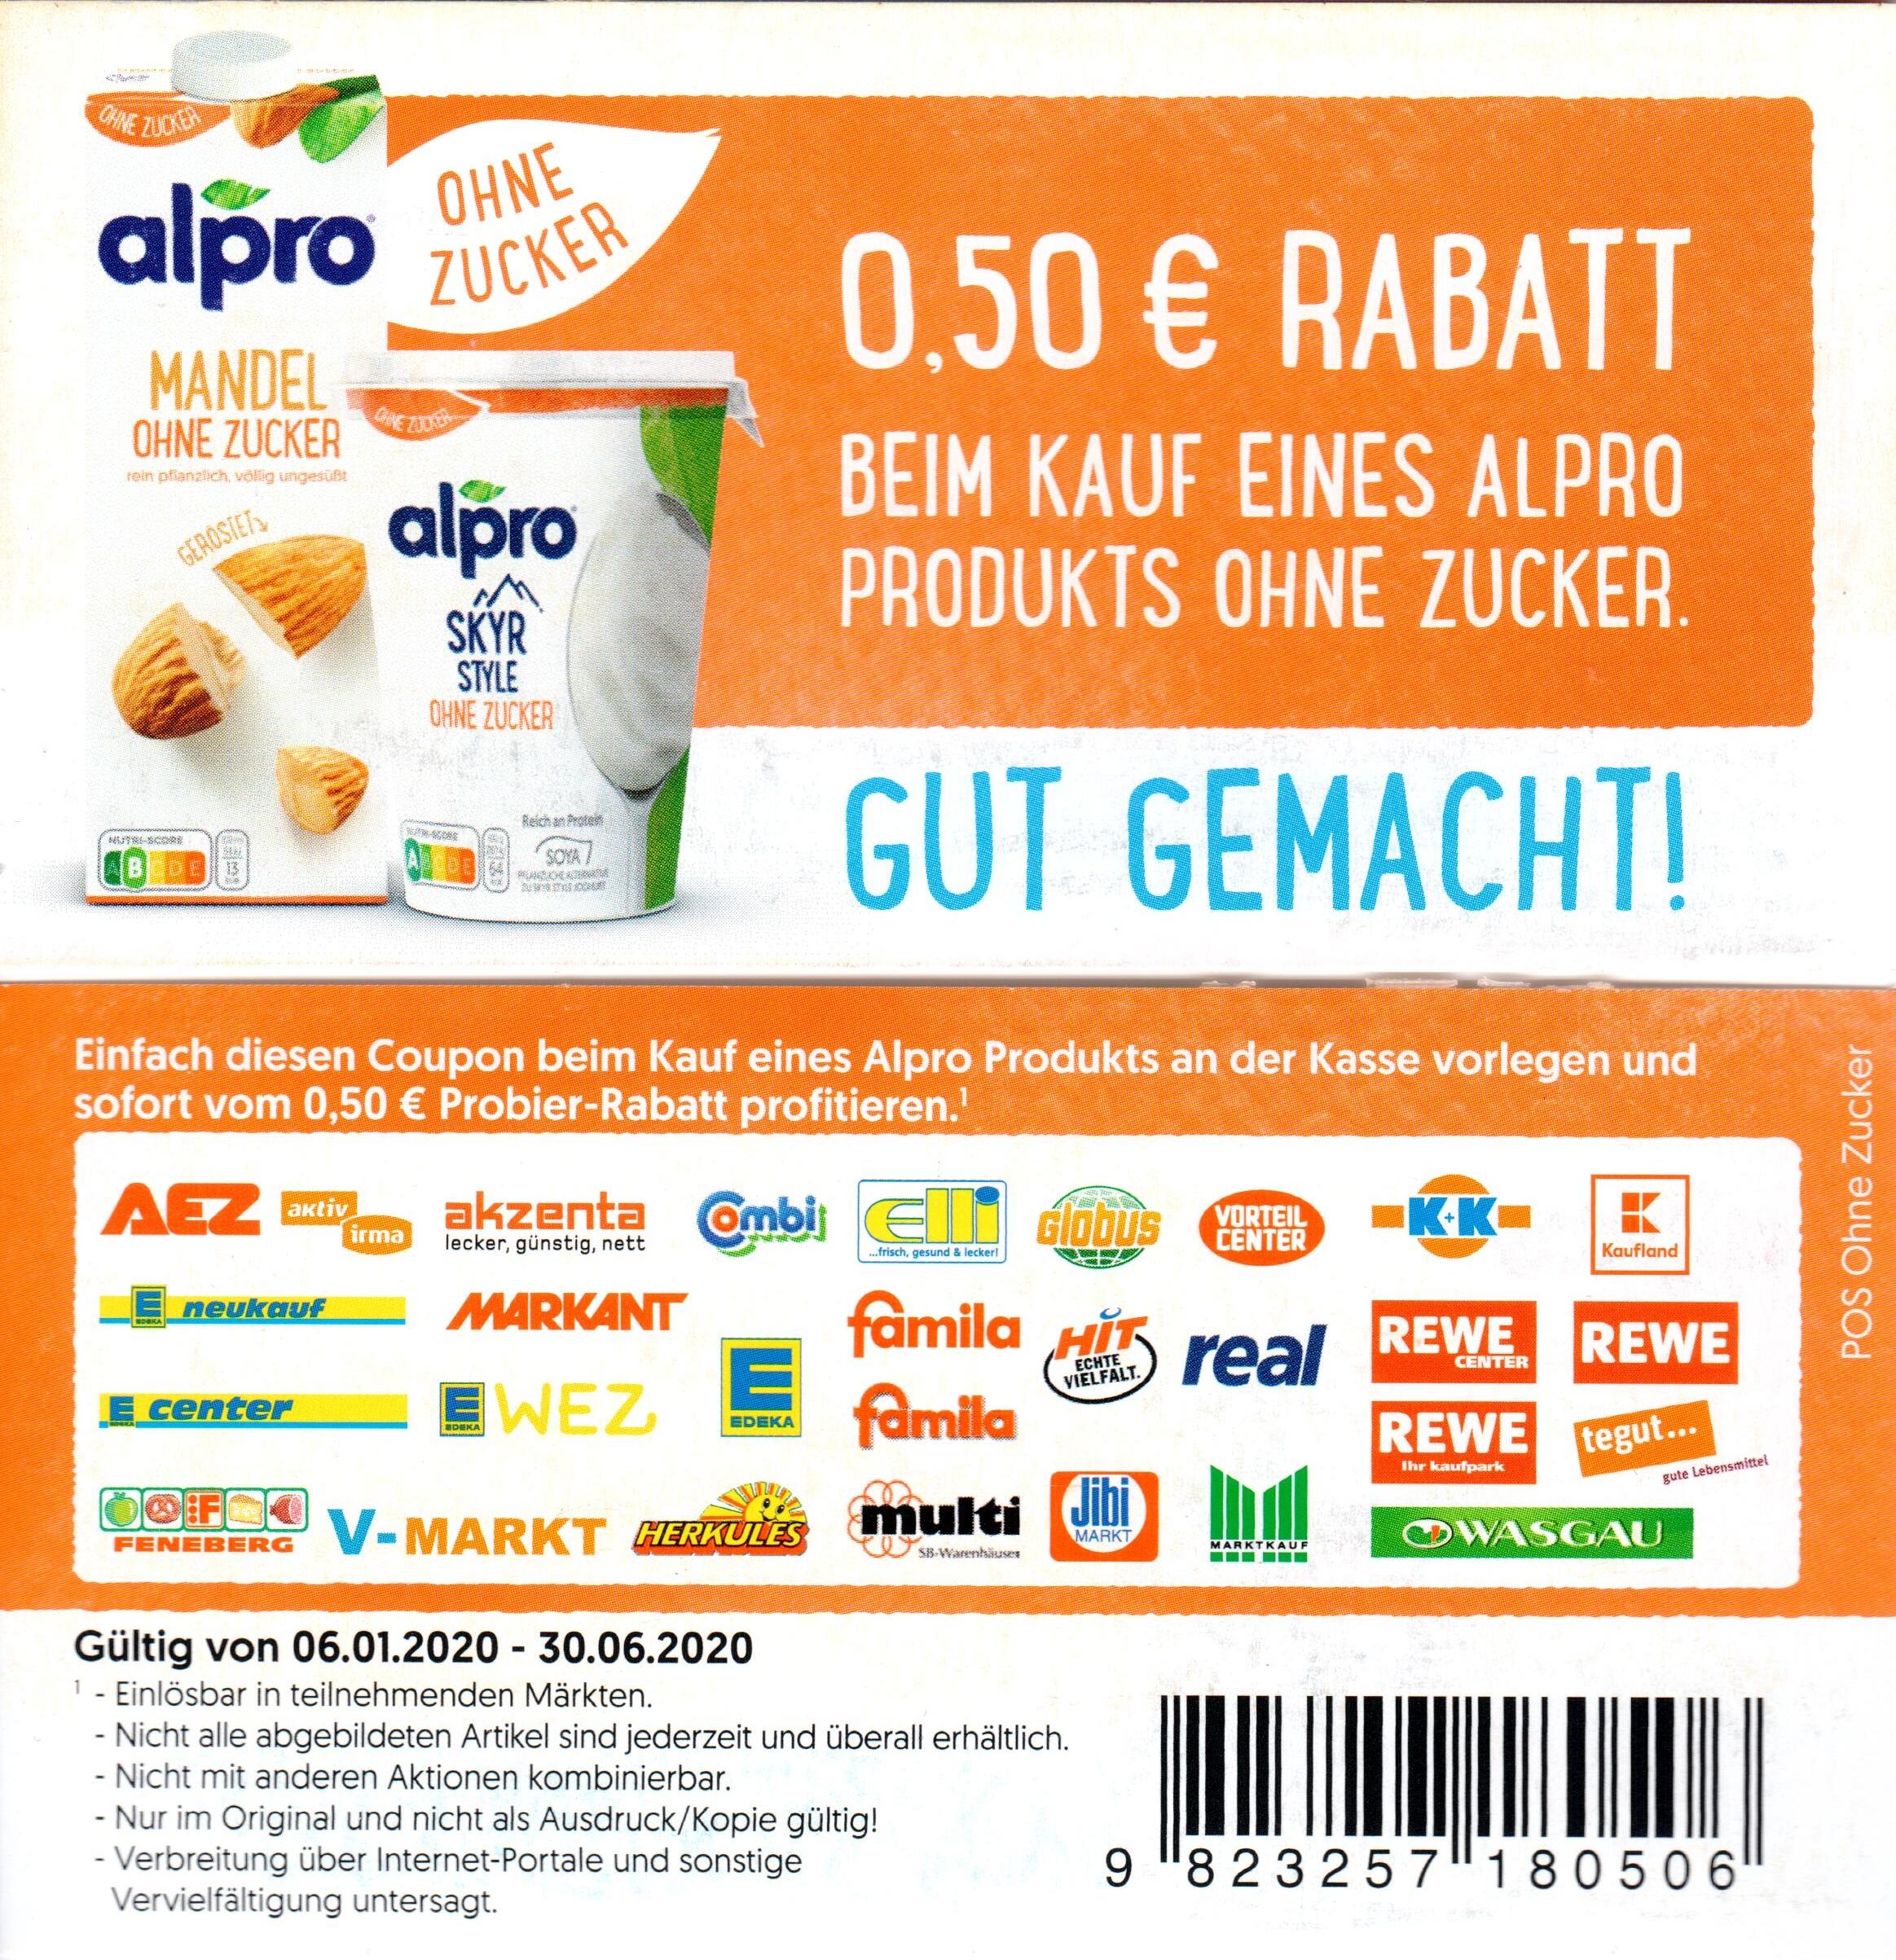 0,50€ Coupon für ein Alpro Produkt ohne Zucker bis 30.06.2020